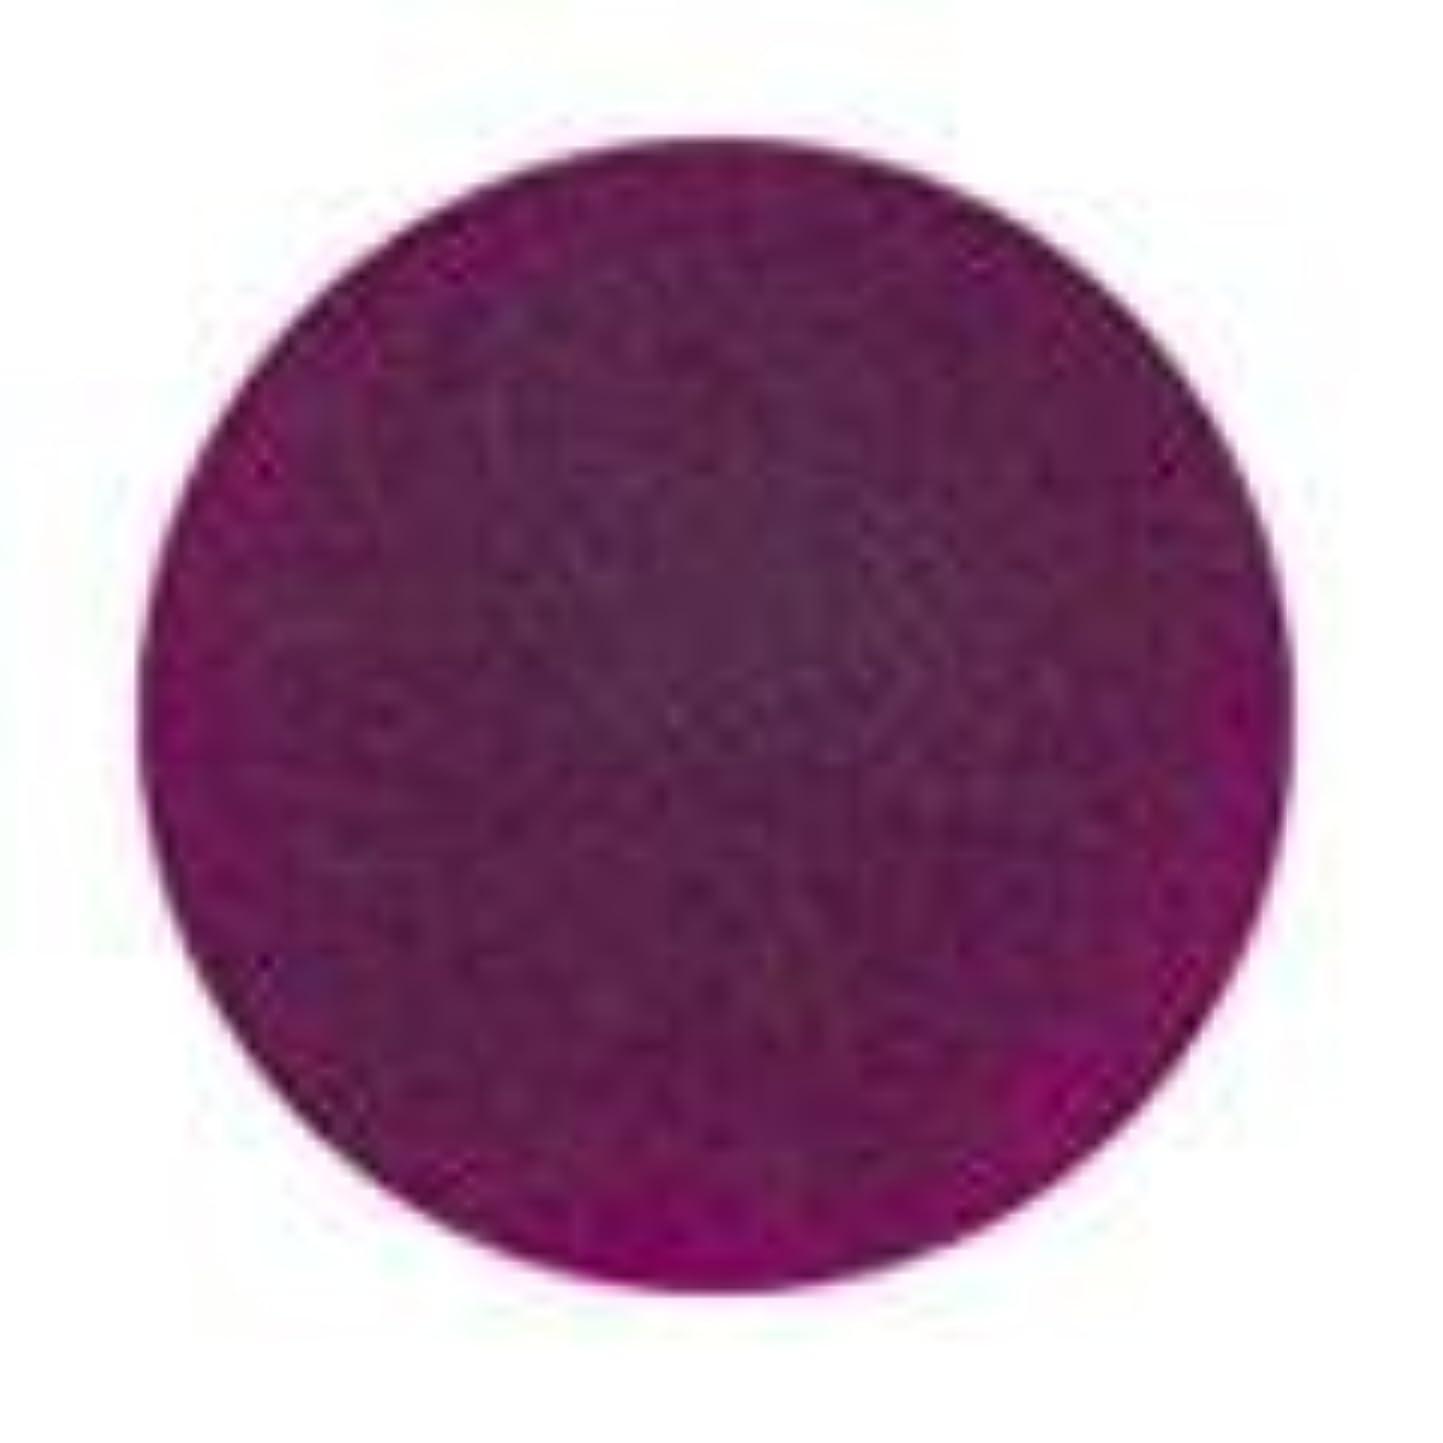 複製感謝祭記念Jessica ジェレレーション カラー 15ml  487 ウインザーキャッスル